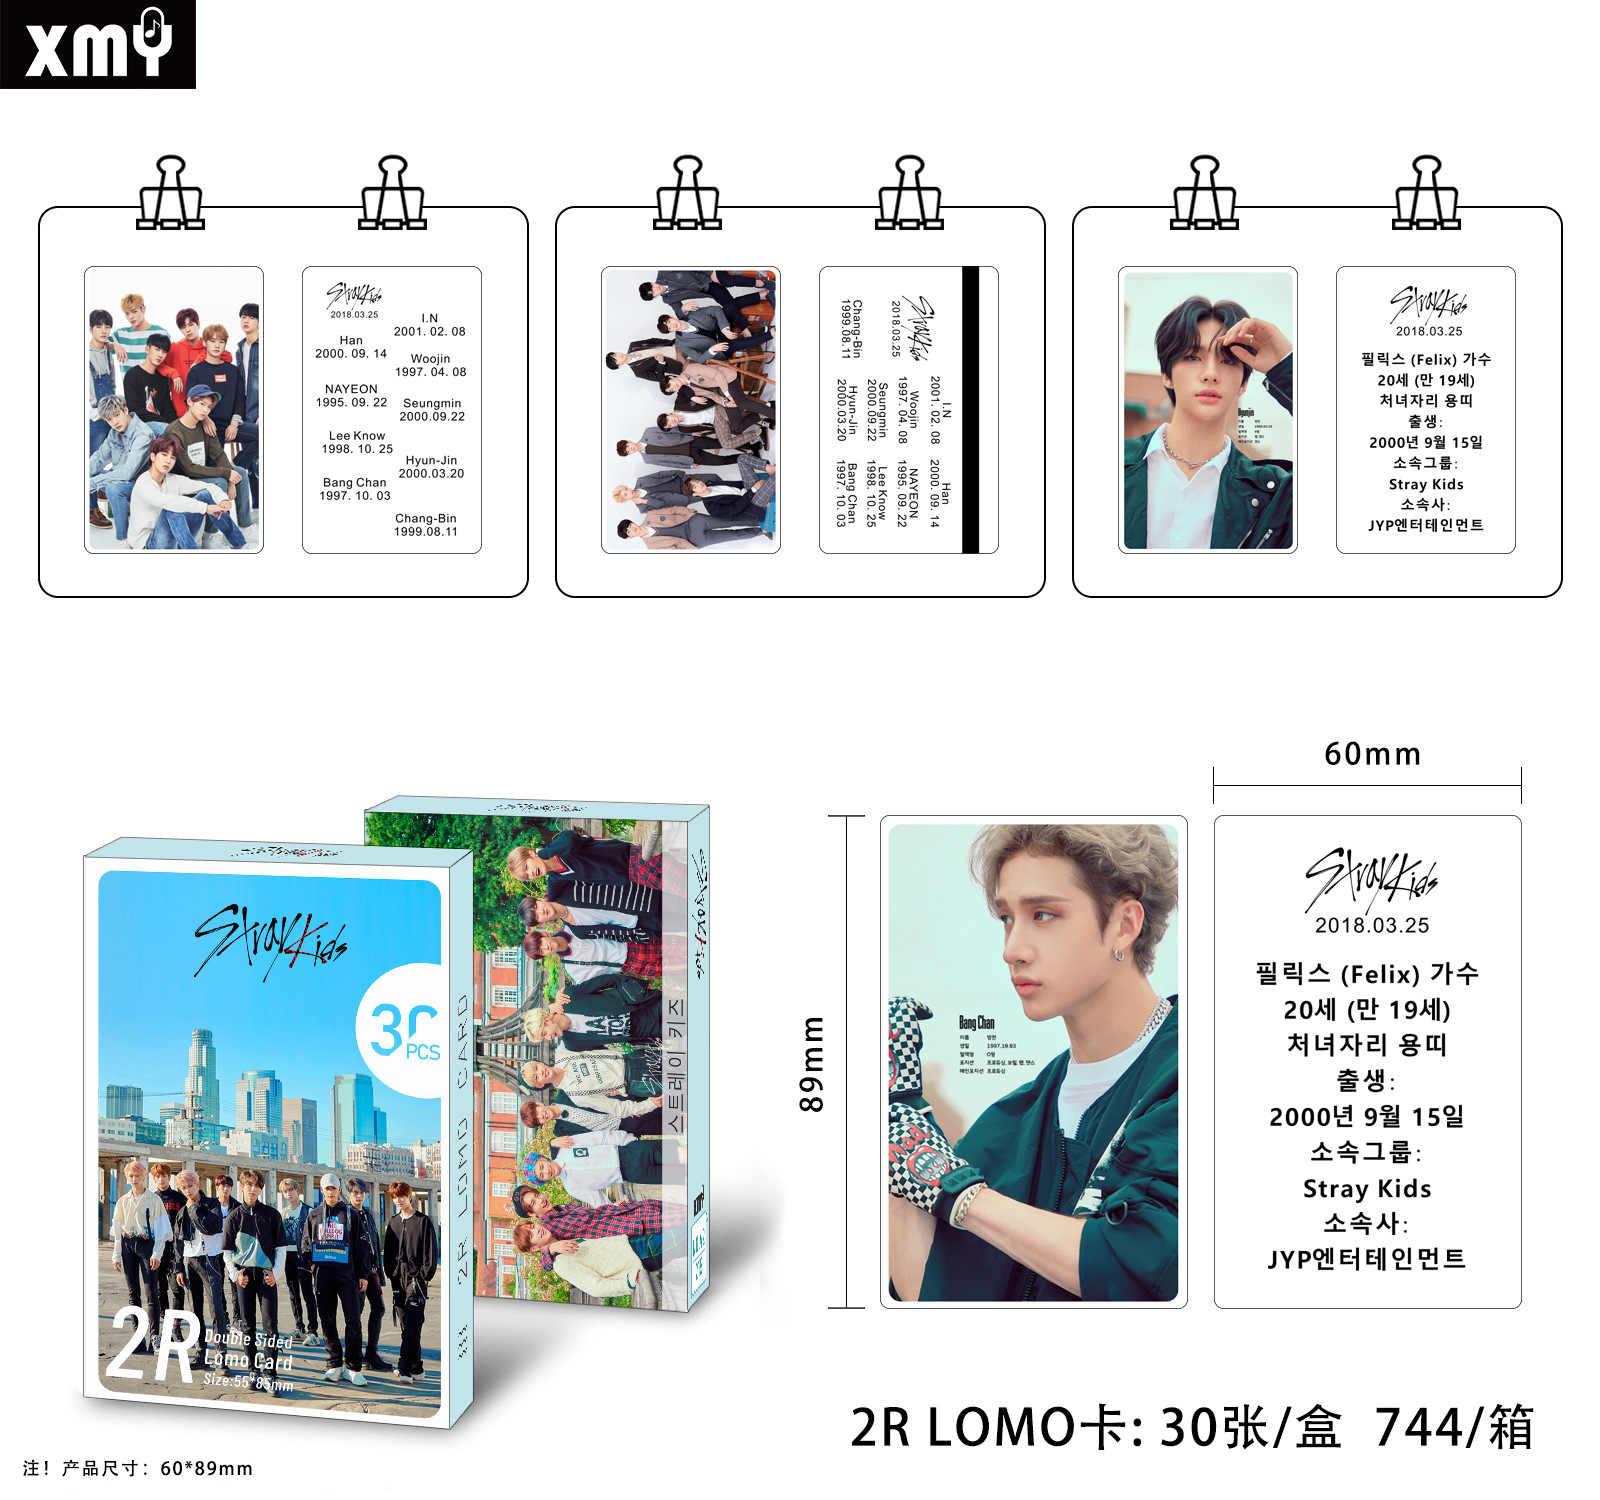 30 Cái/bộ Kpop Đi Lạc Trẻ Em Đôi In Signture Photocard Chất Lượng Cao X1 Astro Blackpink Album Poster Kpop Lomo Card